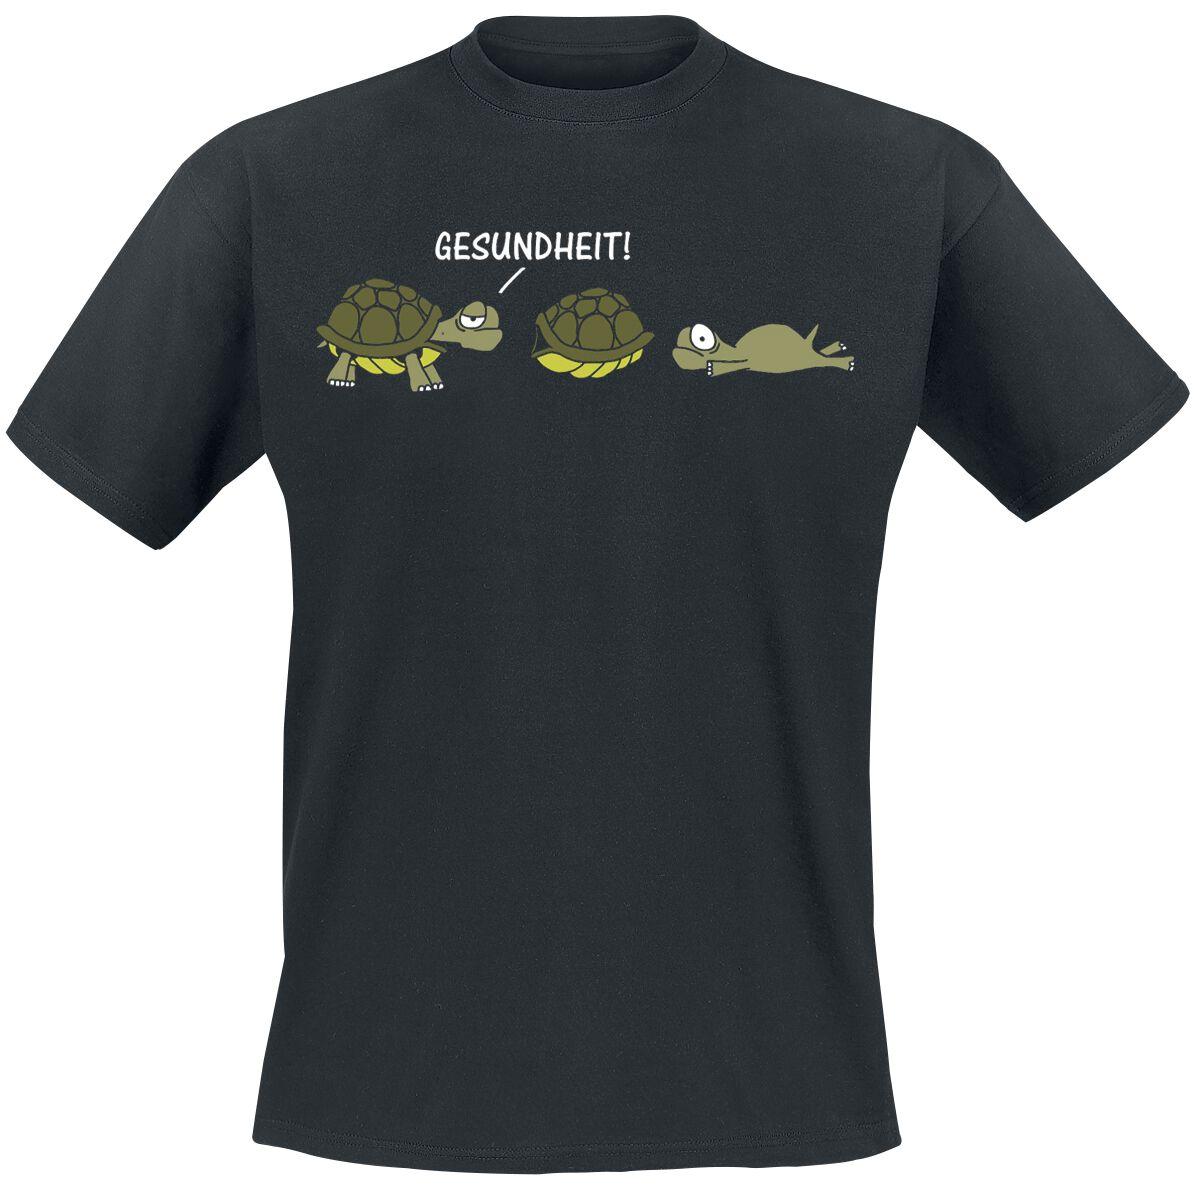 Gesundheit! T-Shirt schwarz 1840